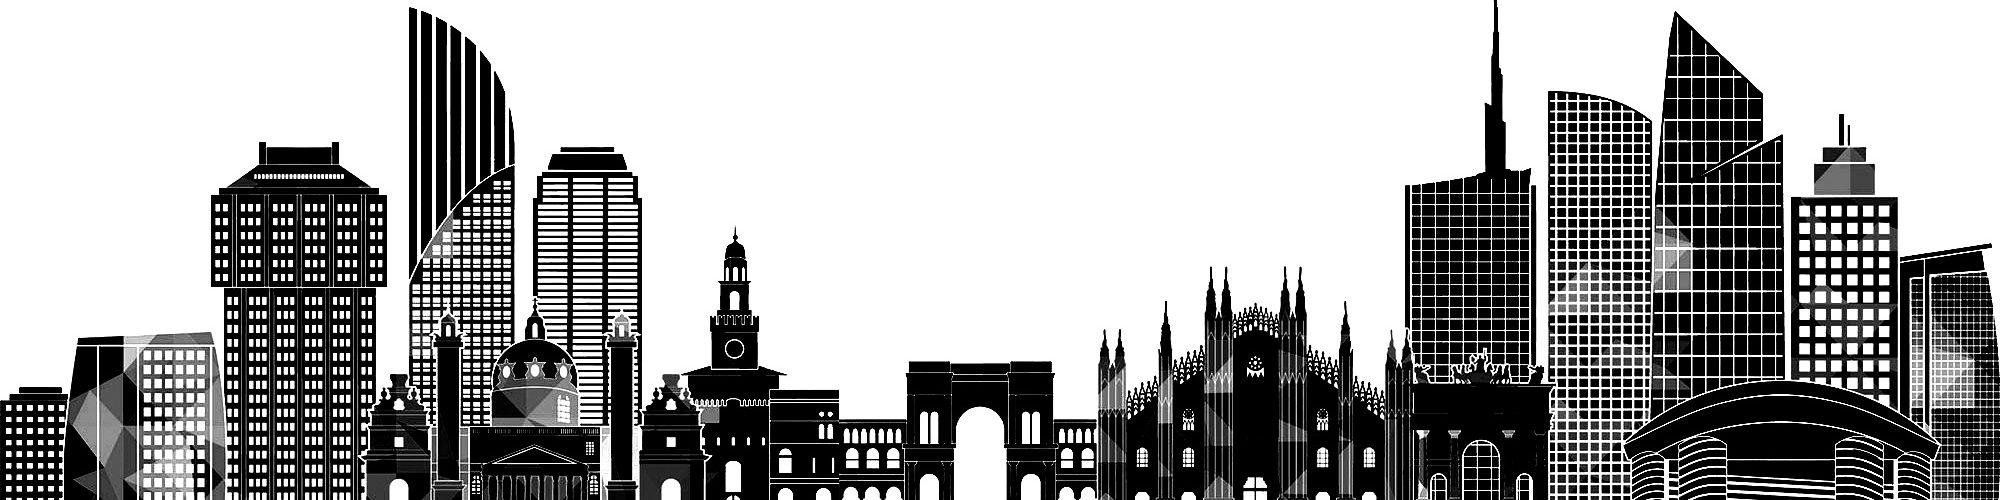 skyline_sidecarContatti